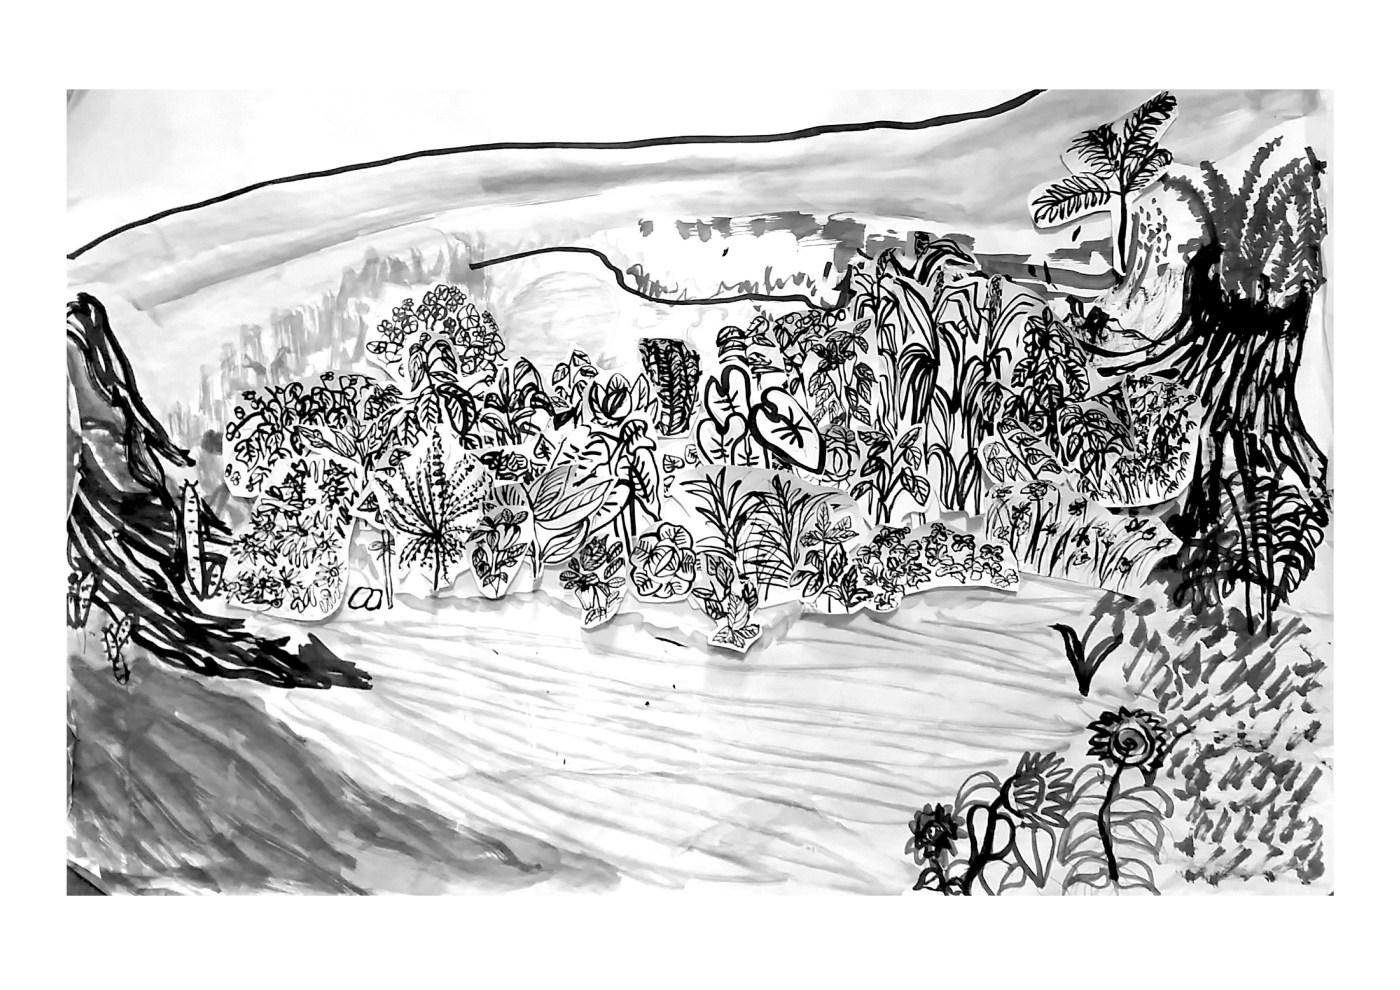 05_《森人─太魯閣藝駐計畫》余曉冰〈反過來〉,水墨紙本拼貼,105 x 75cm,2019,影像由藝術家提供